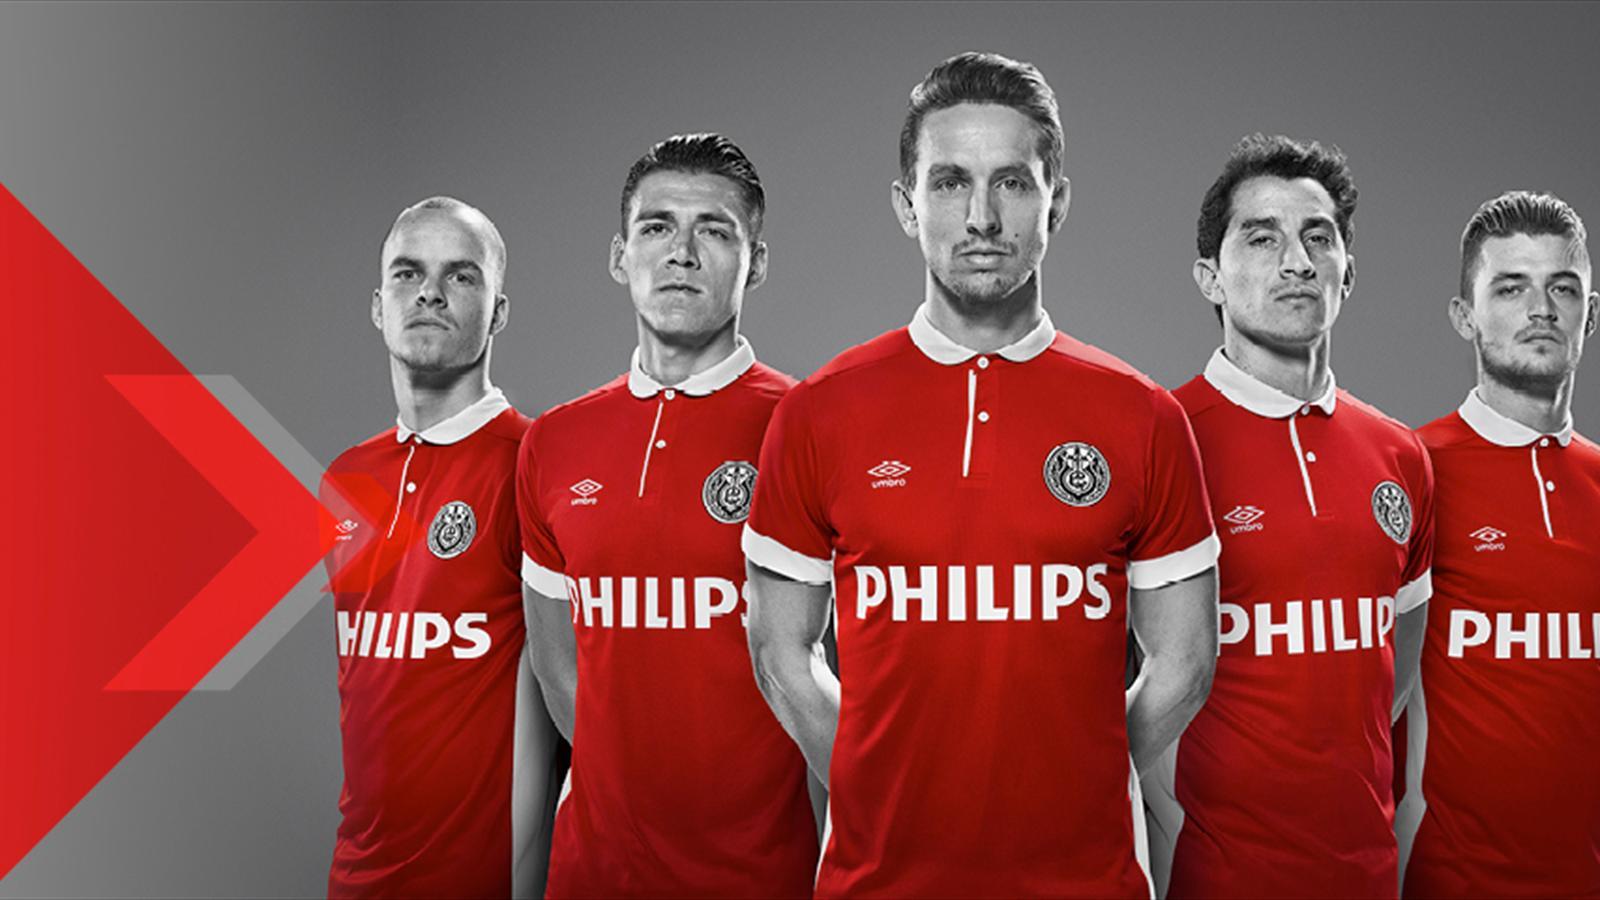 Maillot entrainement PSV nouveau